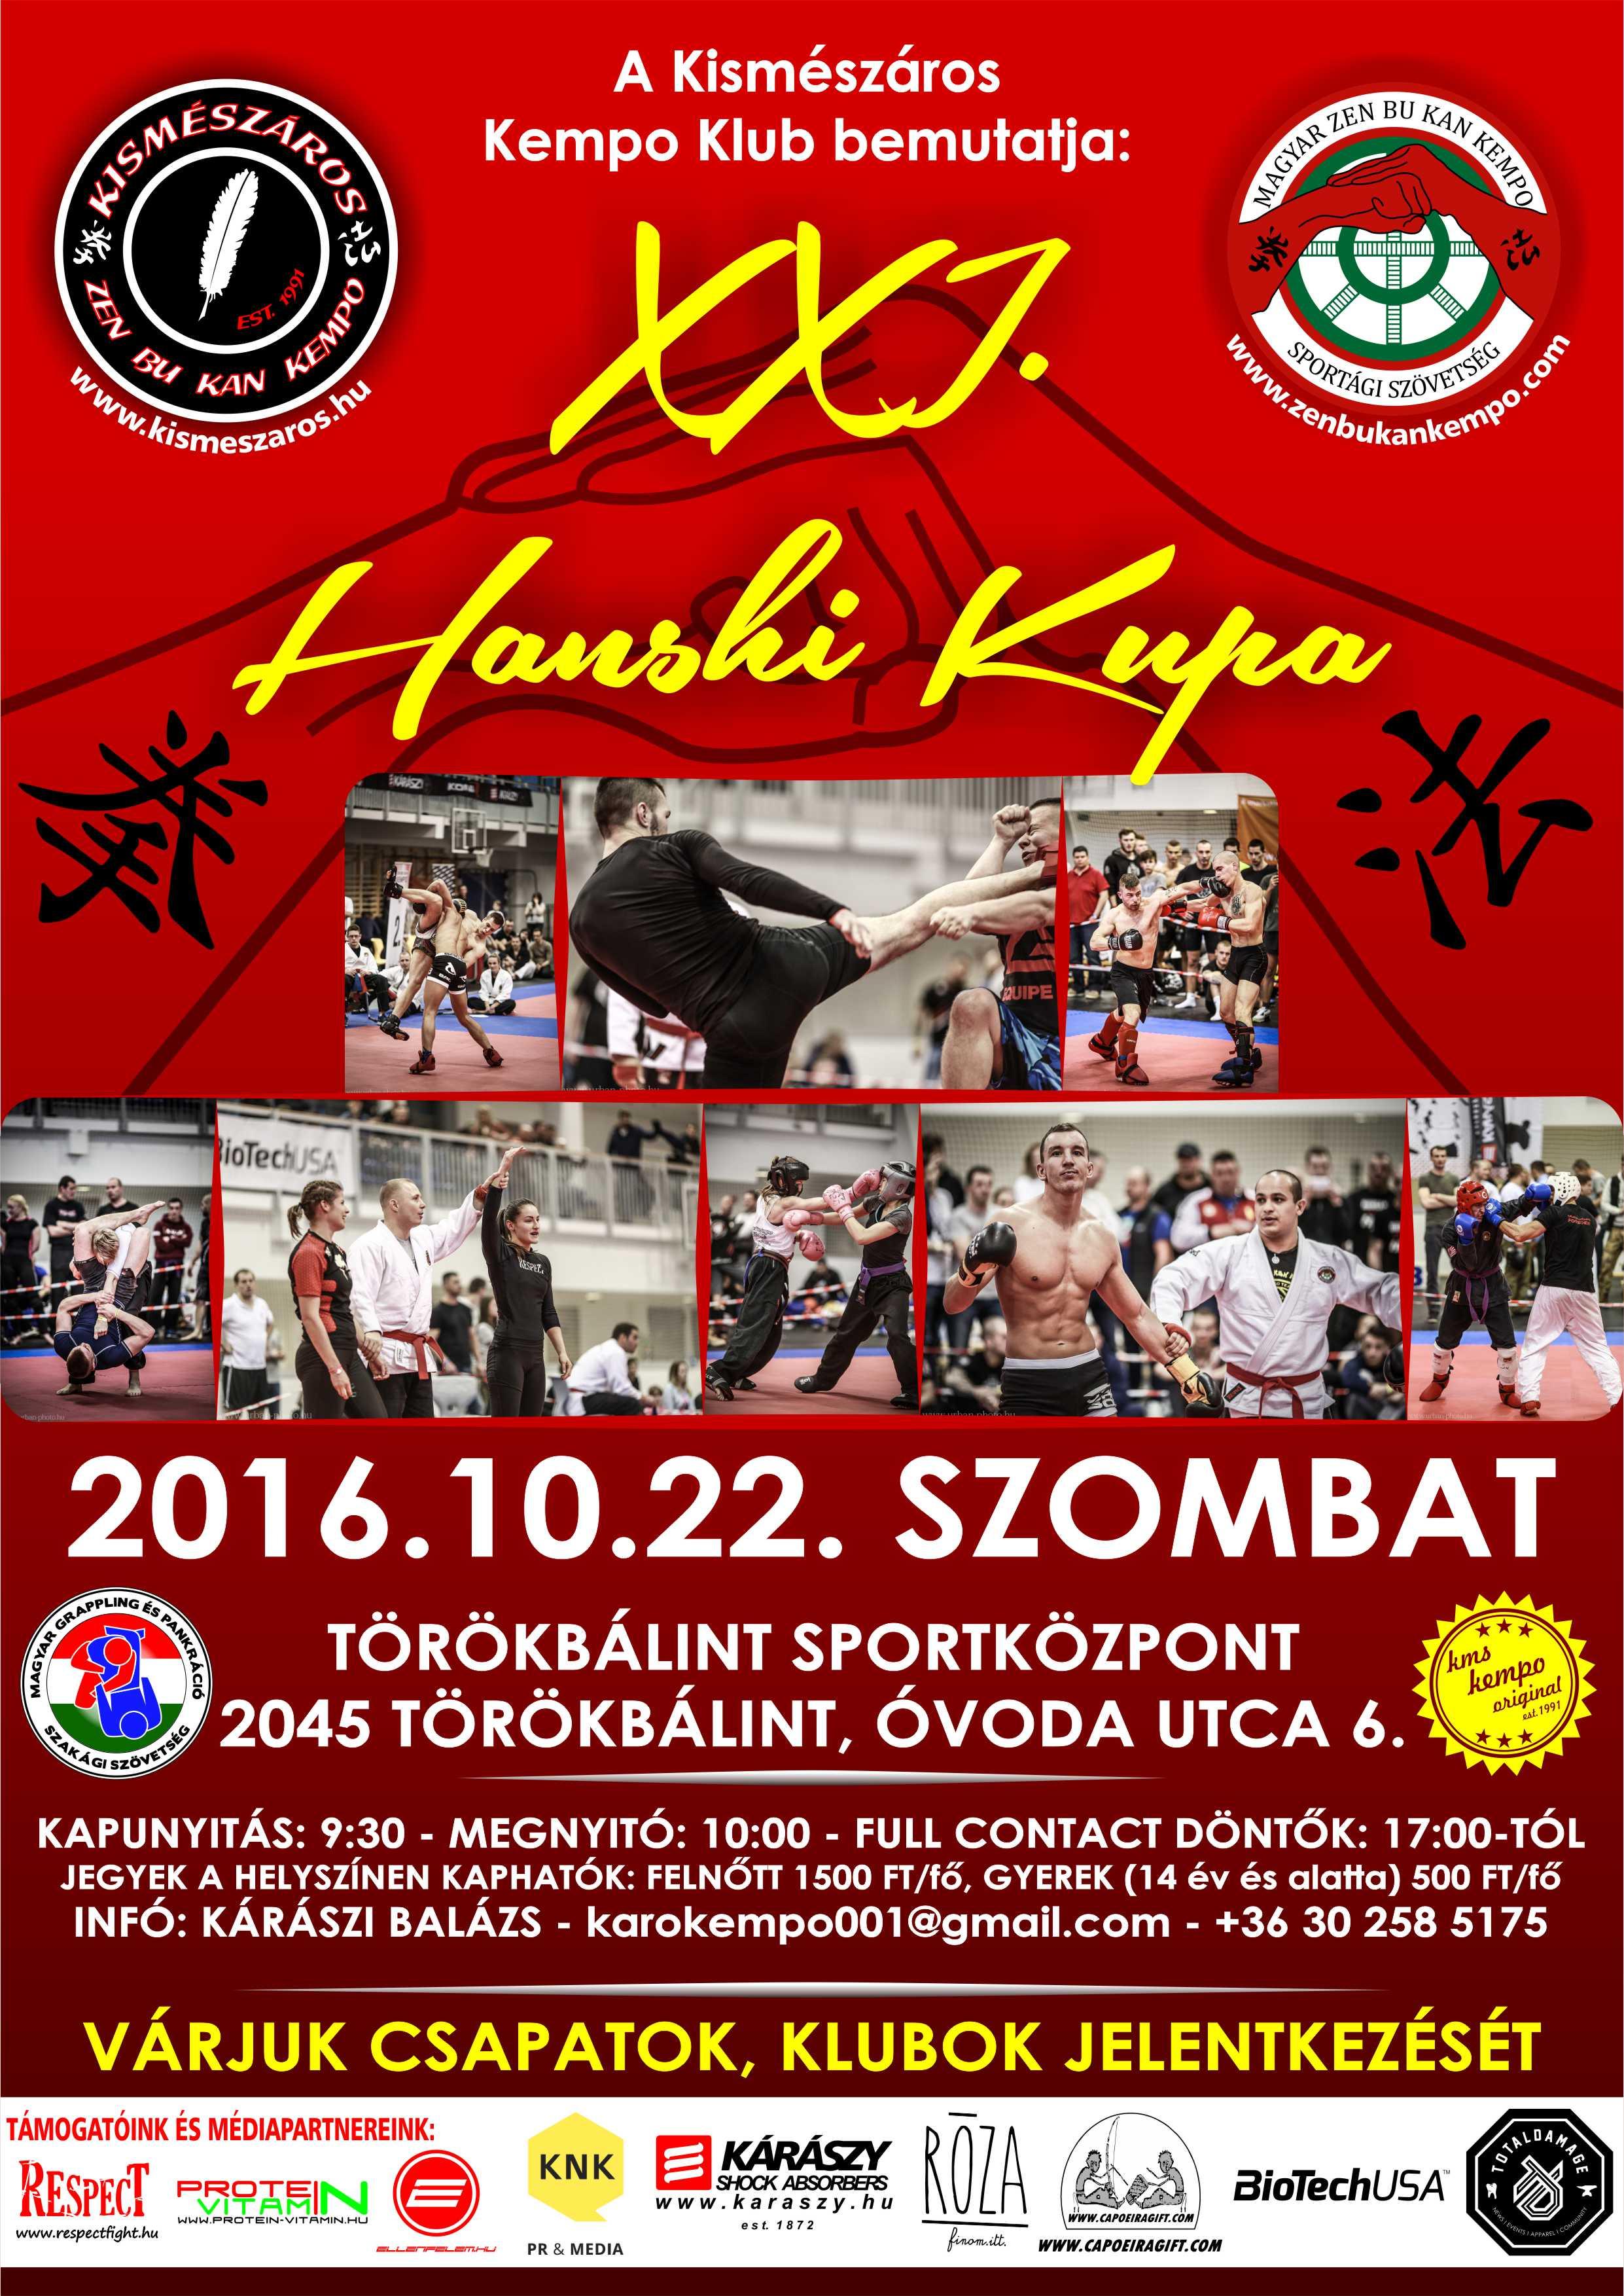 plakat_21-hanshi_kupa_2016_1